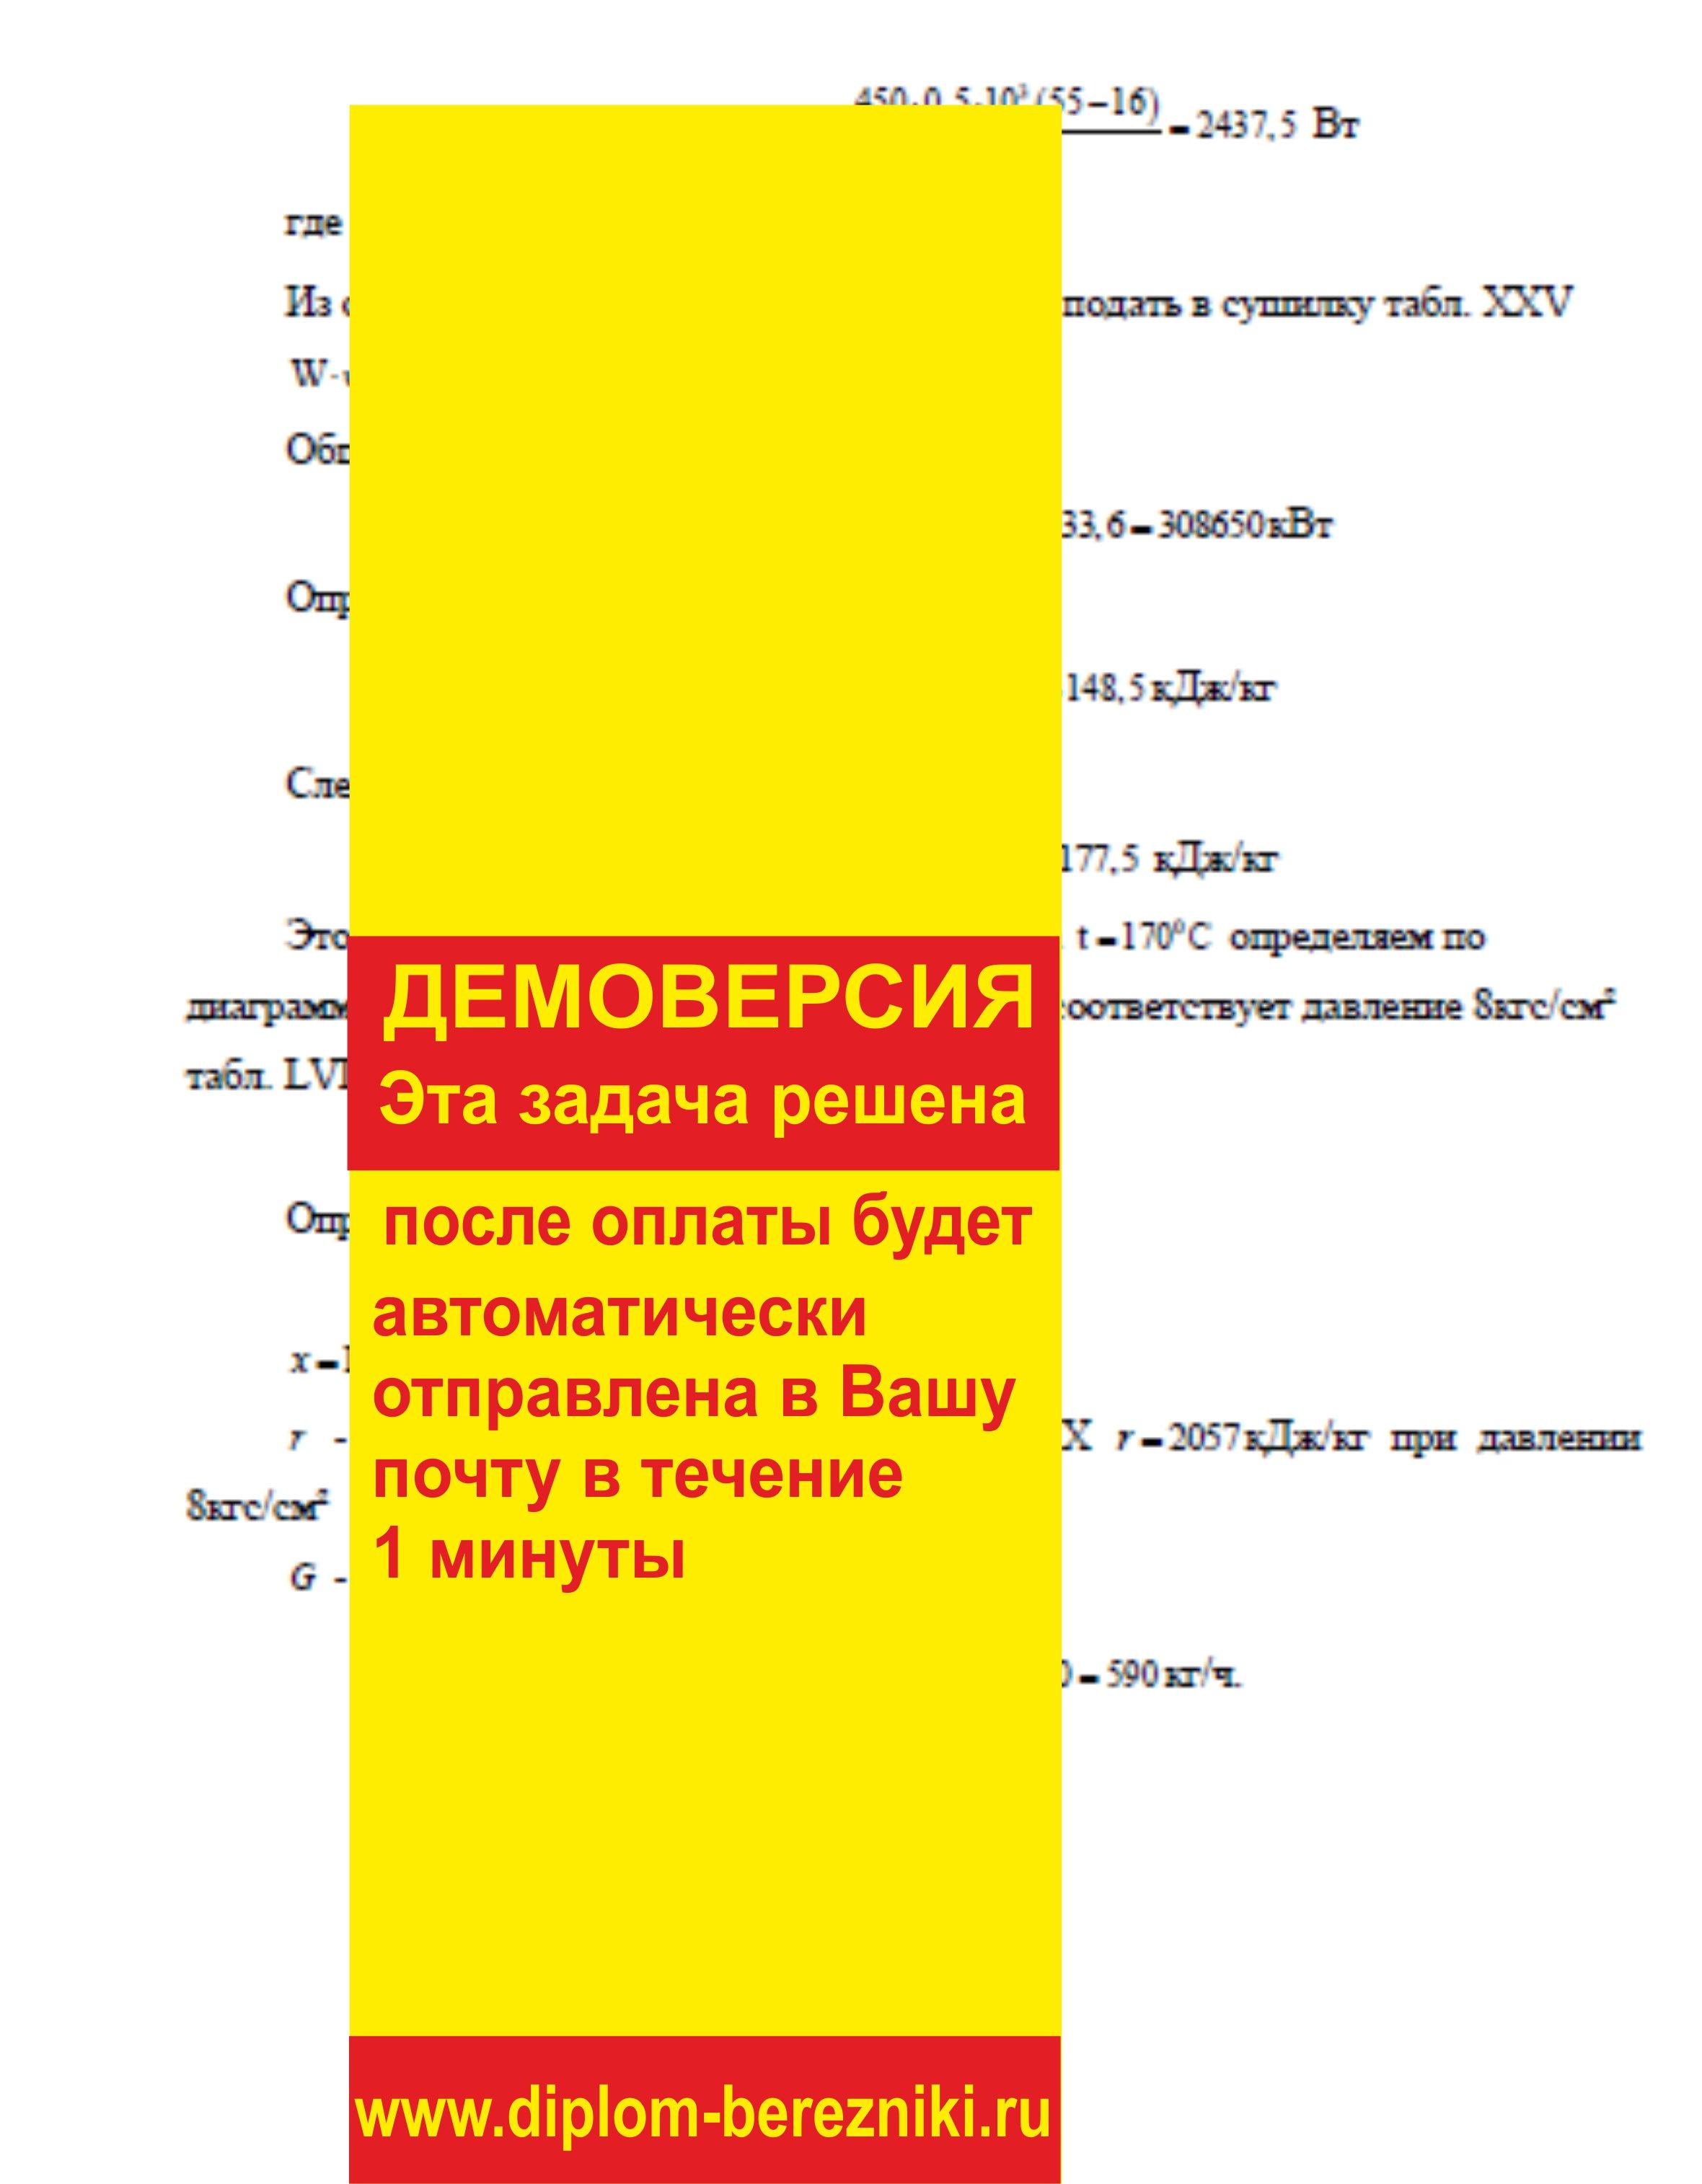 Решение задачи 10.27 по ПАХТ из задачника Павлова Романкова Носкова